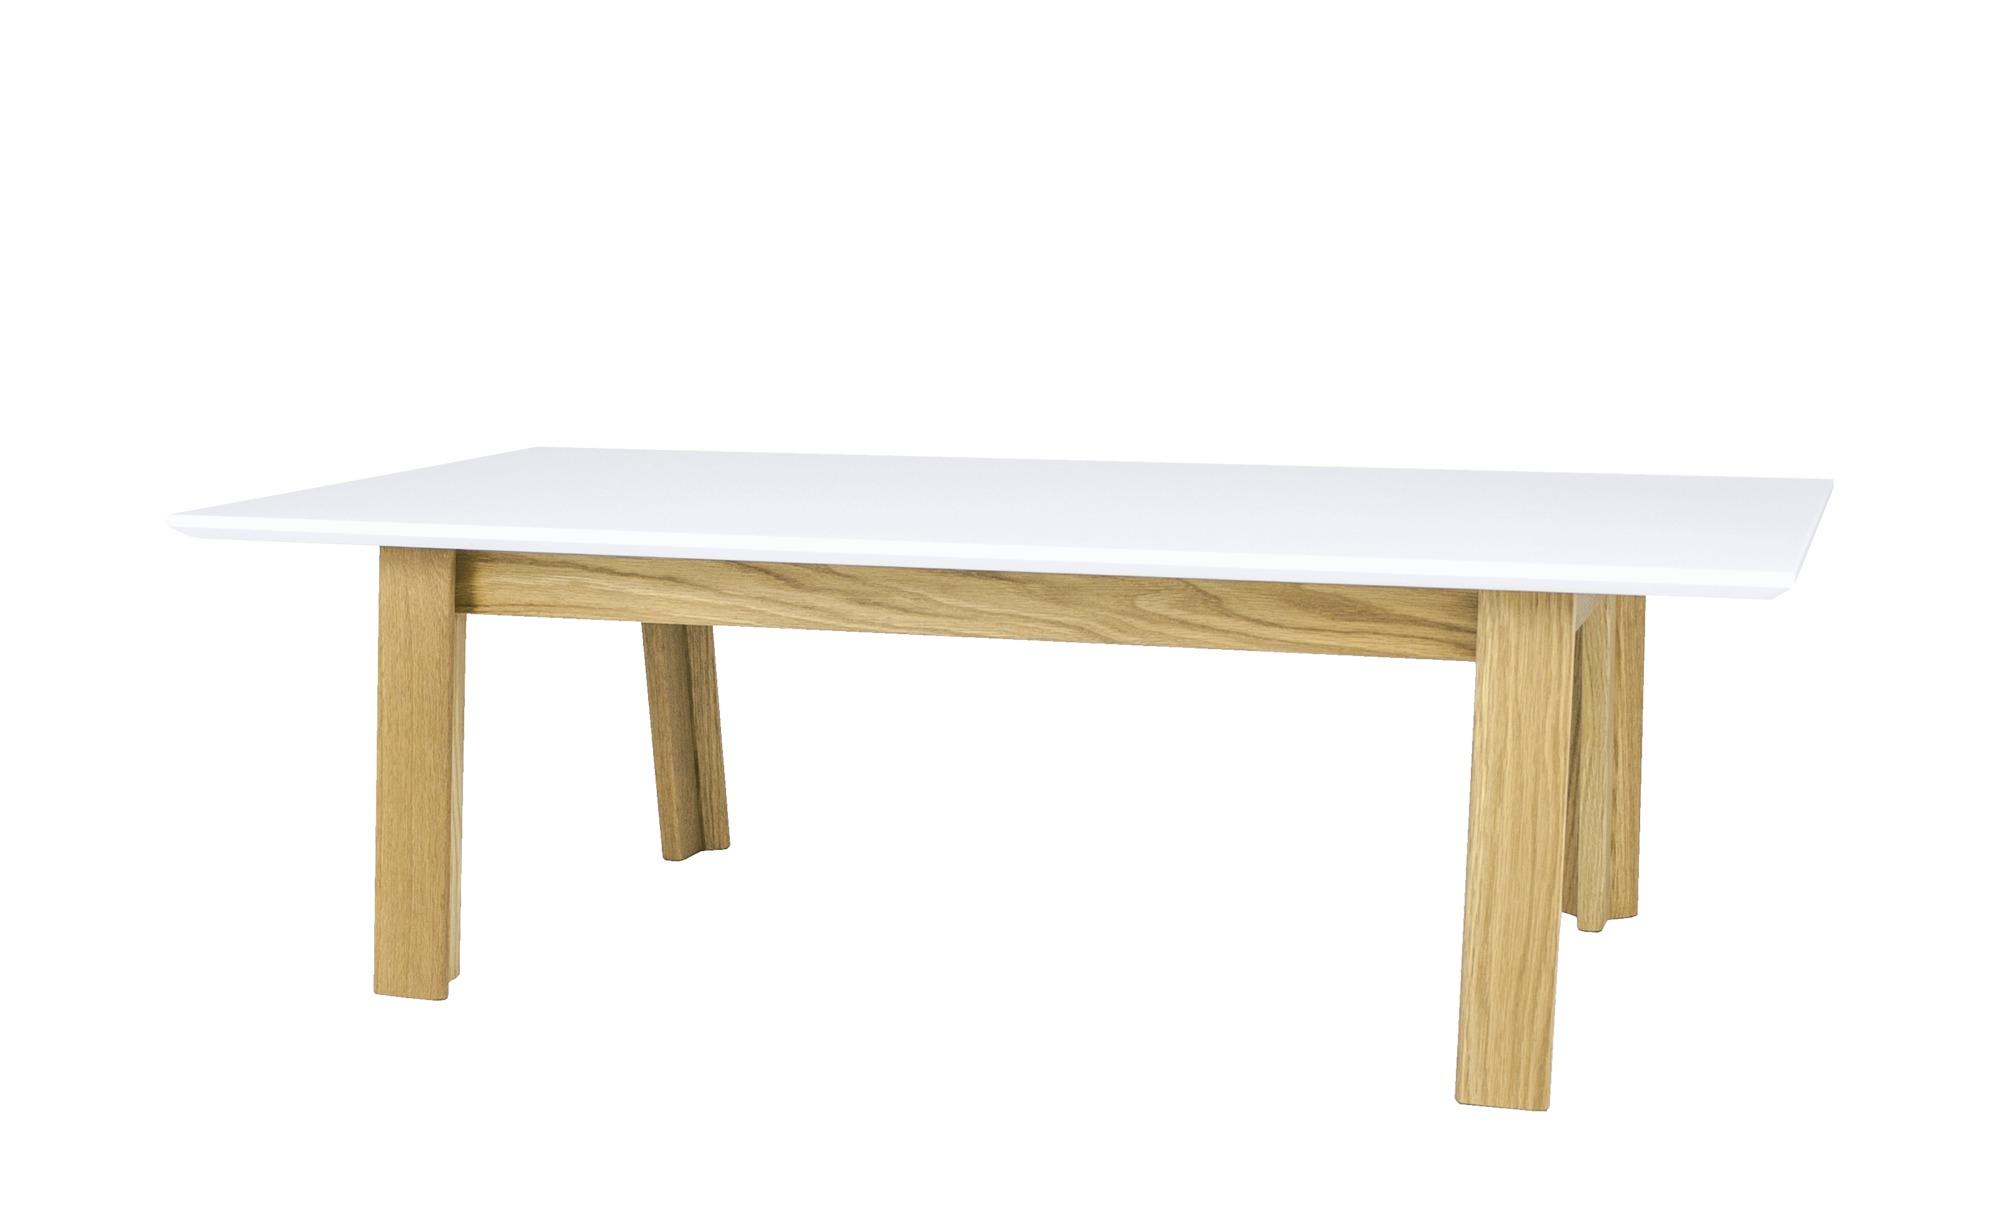 Couchtisch  Leif ¦ weiß ¦ Maße (cm): B: 60 H: 38 Tische > Couchtische > Couchtische rechteckig - Höffner